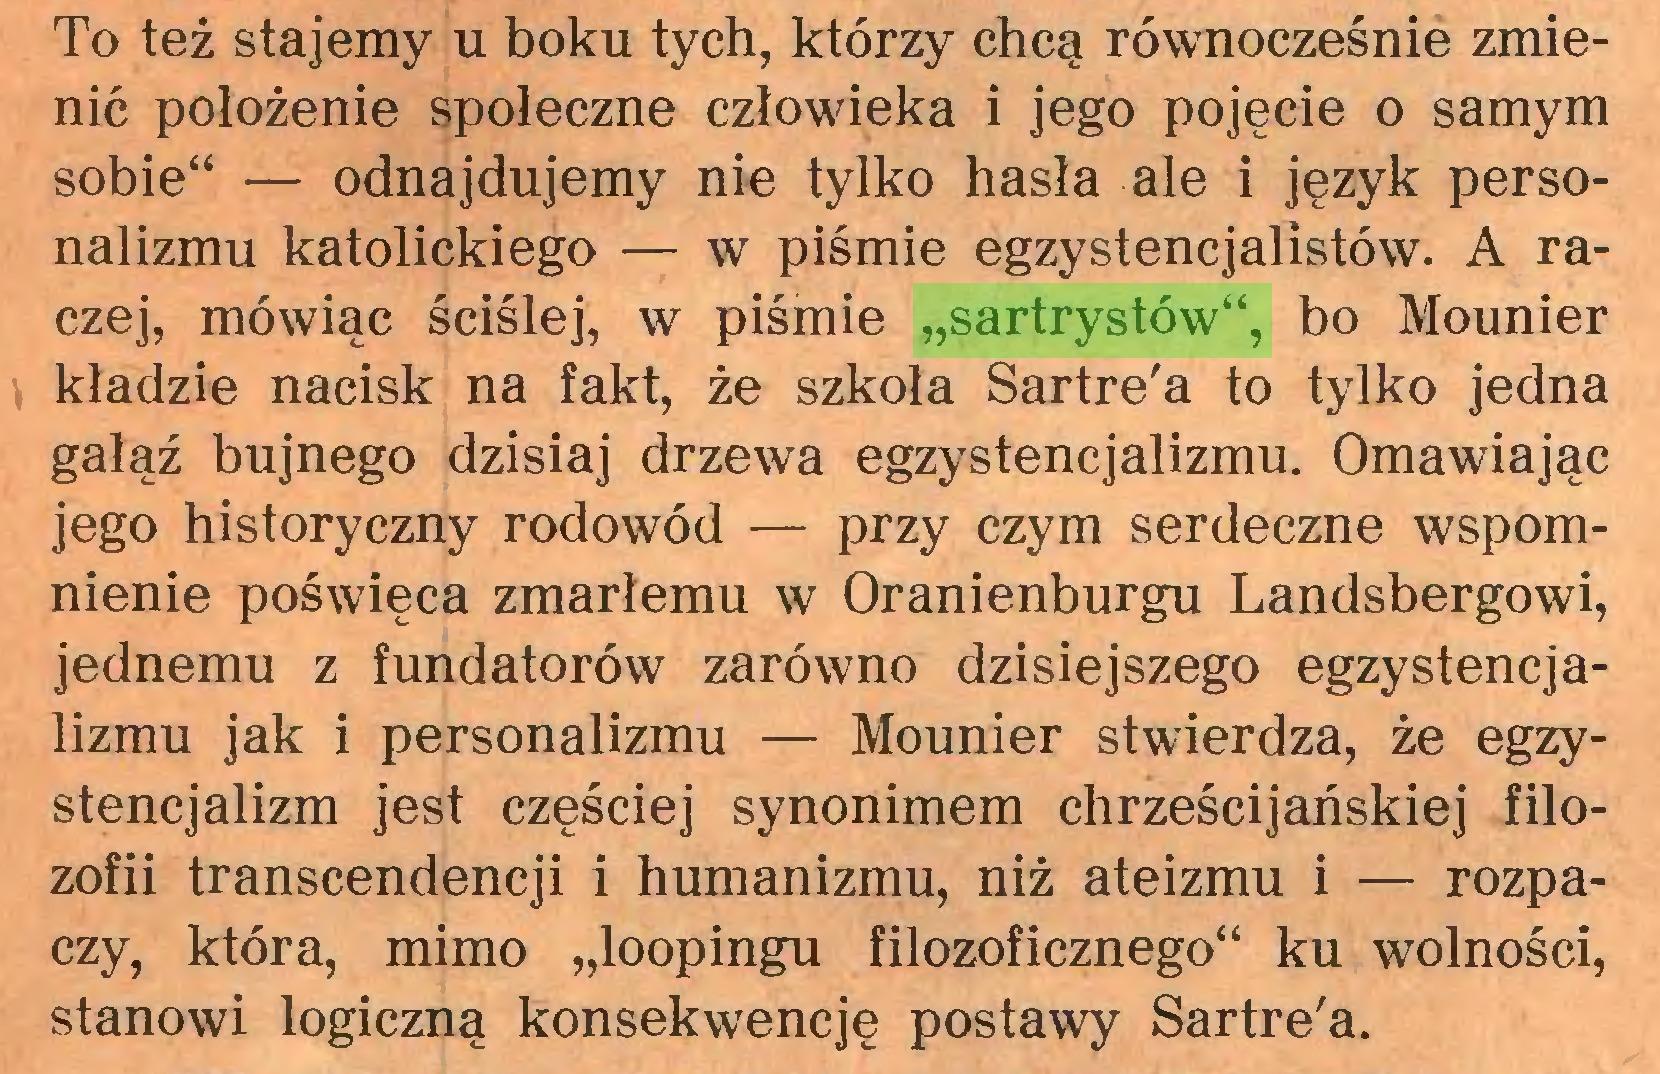 """(...) To też stajemy u boku tych, którzy chcą równocześnie zmienić położenie społeczne człowieka i jego pojęcie o samym sobie"""" — odnajdujemy nie tylko hasła ale i język personalizmu katolickiego — w piśmie egzystencjalistów. A raczej, mówiąc ściślej, w piśmie """"sartrystów"""", bo Mounier kładzie nacisk na fakt, że szkoła Sartre'a to tylko jedna gałąź bujnego dzisiaj drzewa egzystencjalizmu. Omawiając jego historyczny rodowód — przy czym serdeczne wspomnienie poświęca zmarłemu w Oranienburgu Landsbergowi, jednemu z fundatorów zarówno dzisiejszego egzystencjalizmu jak i personalizmu — Mounier stwierdza, że egzystencjalizm jest częściej synonimem chrześcijańskiej filozofii transcendencji i humanizmu, niż ateizmu i — rozpaczy, która, mimo """"loopingu filozoficznego"""" ku wolności, stanowi logiczną konsekwencję postawy Sartre'a..."""